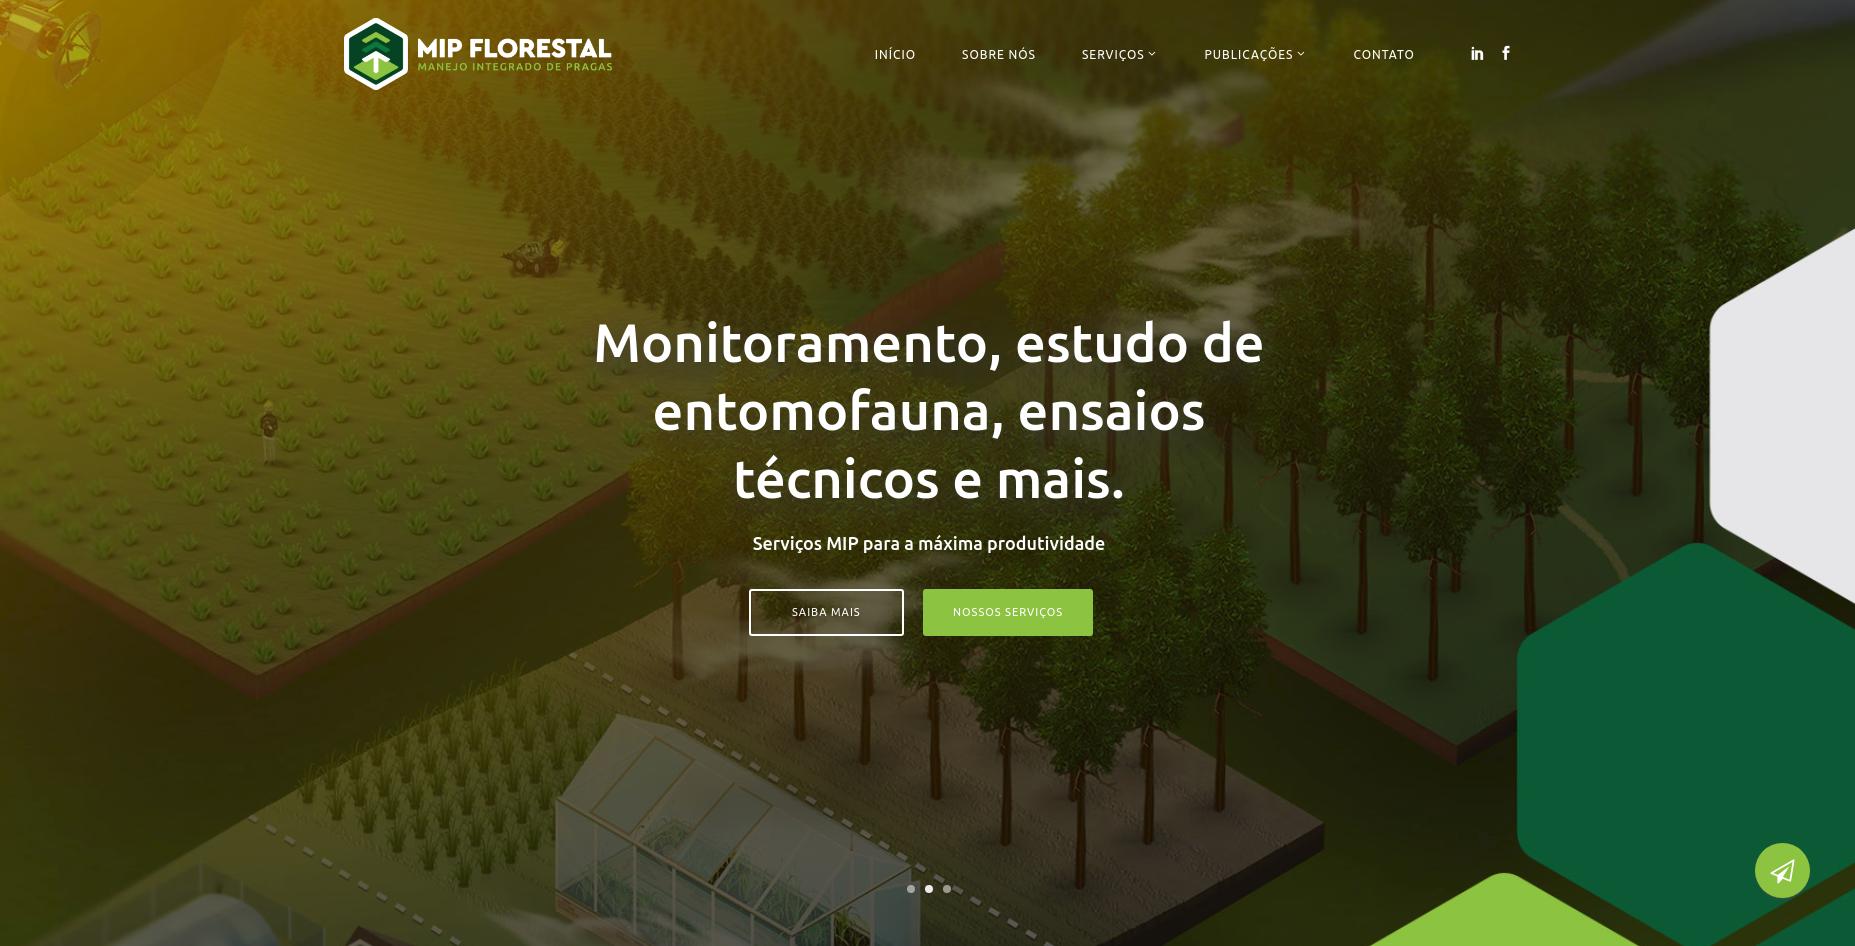 Mip Florestal